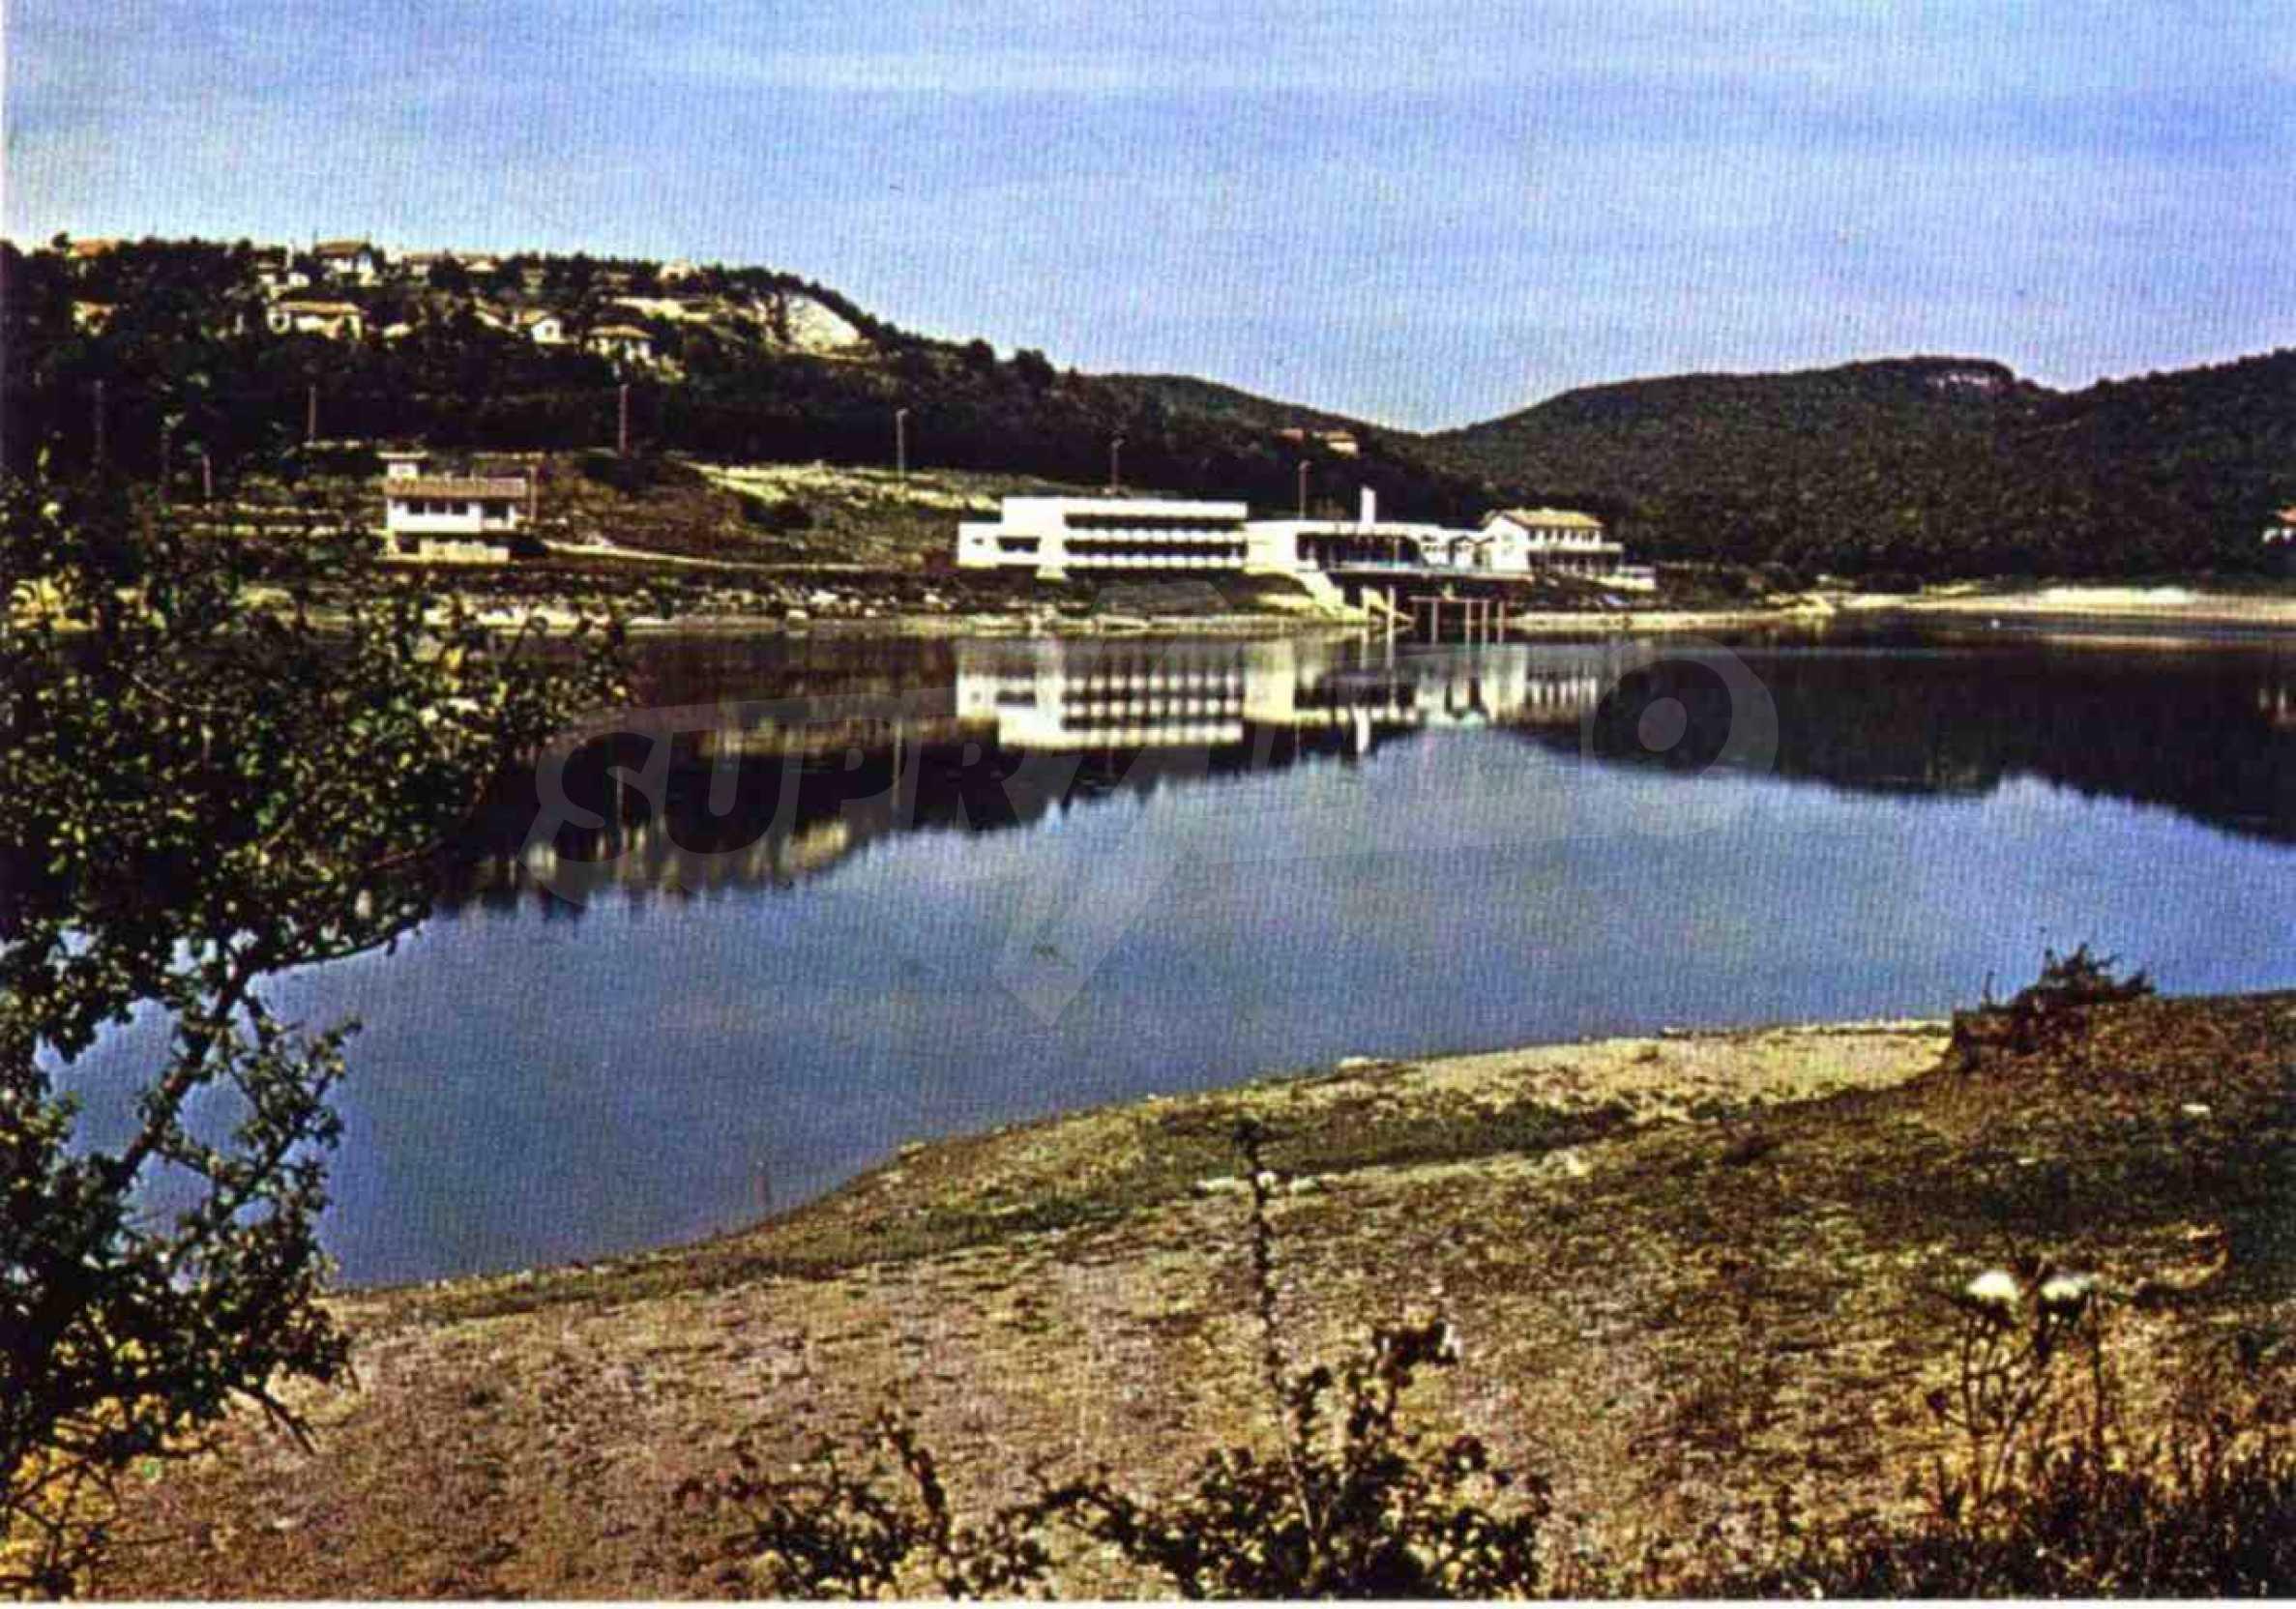 Massives Gebäude am Ufer eines Dammes 66